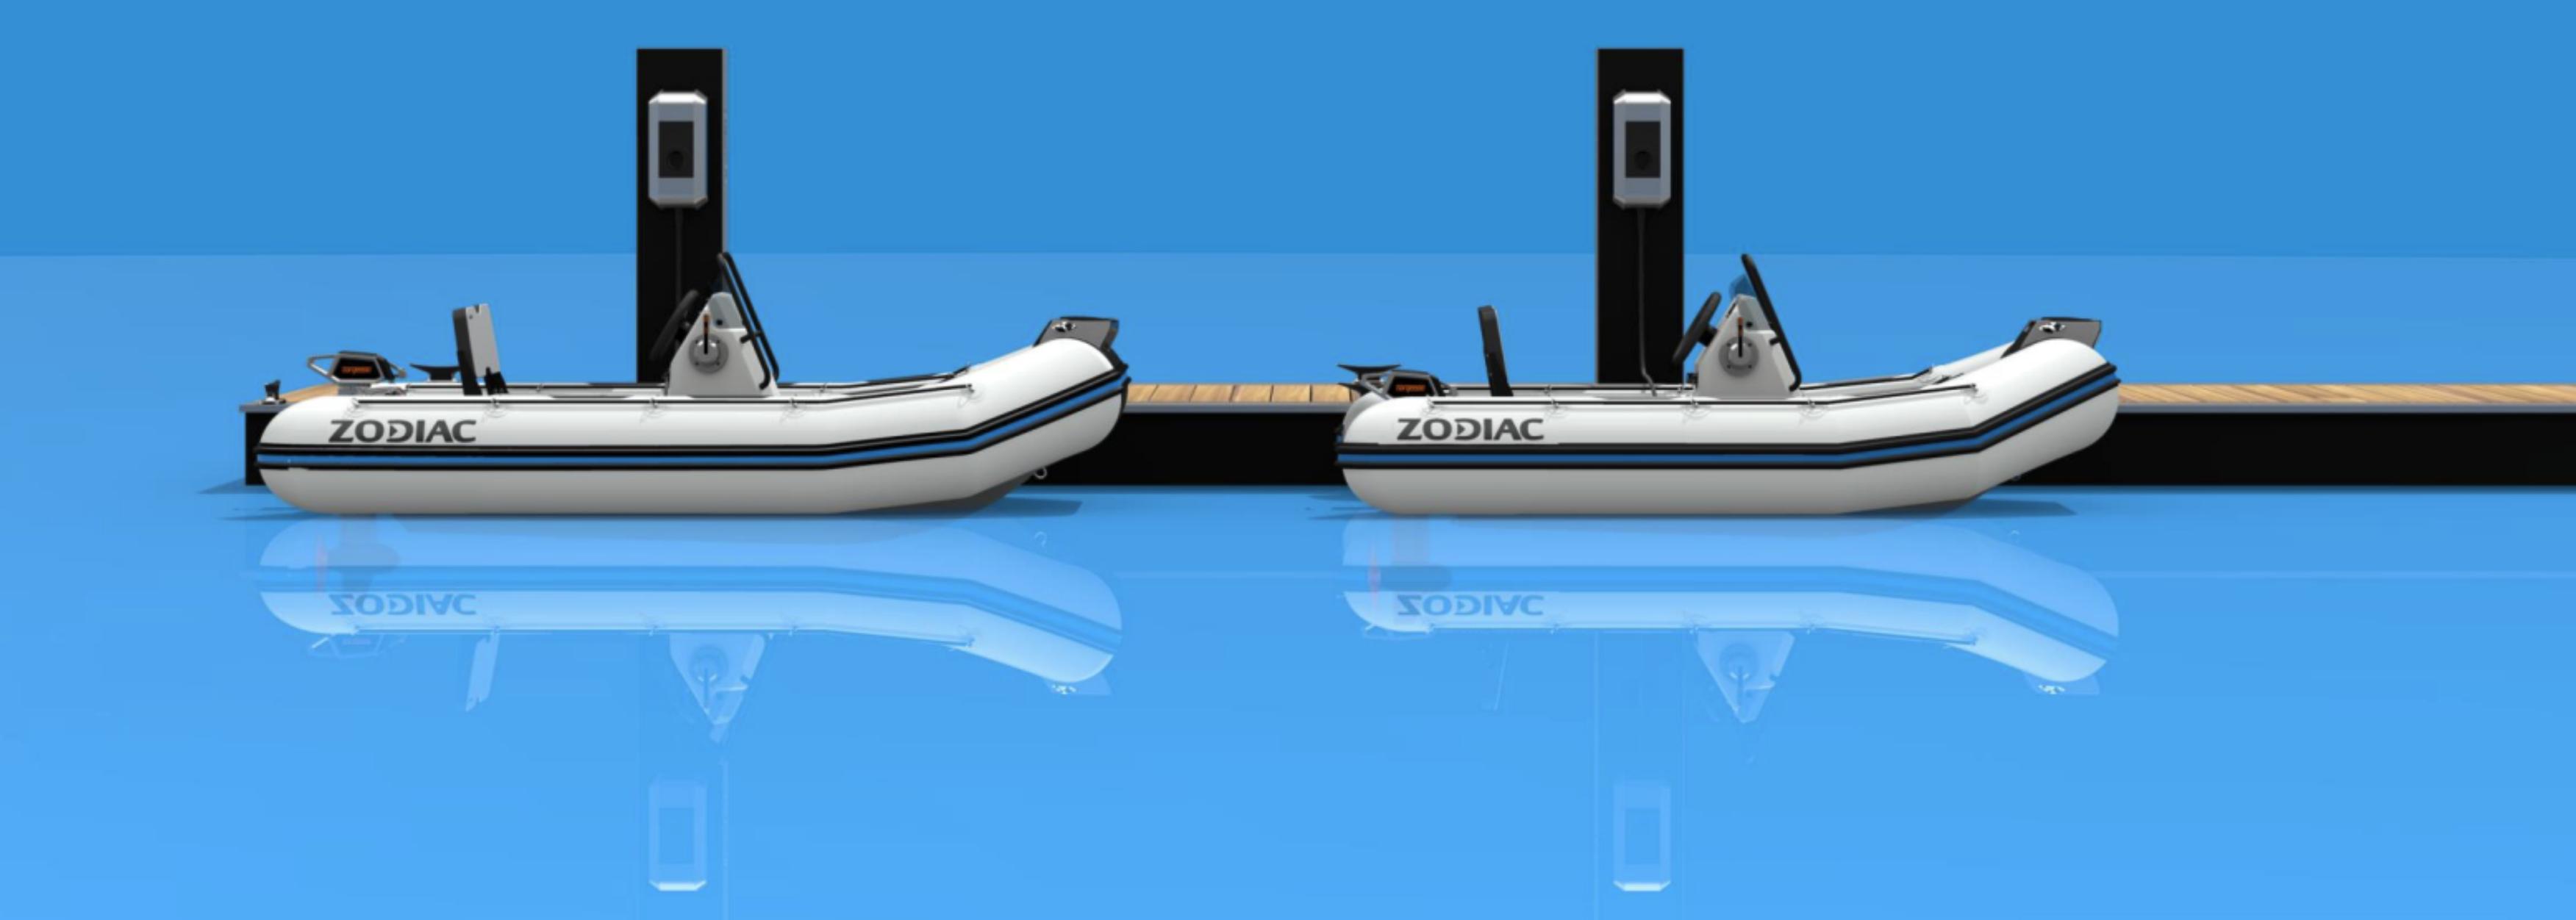 """Zodiac lancerer to nye klimavenlige el-både: """"De bliver meget populære"""""""